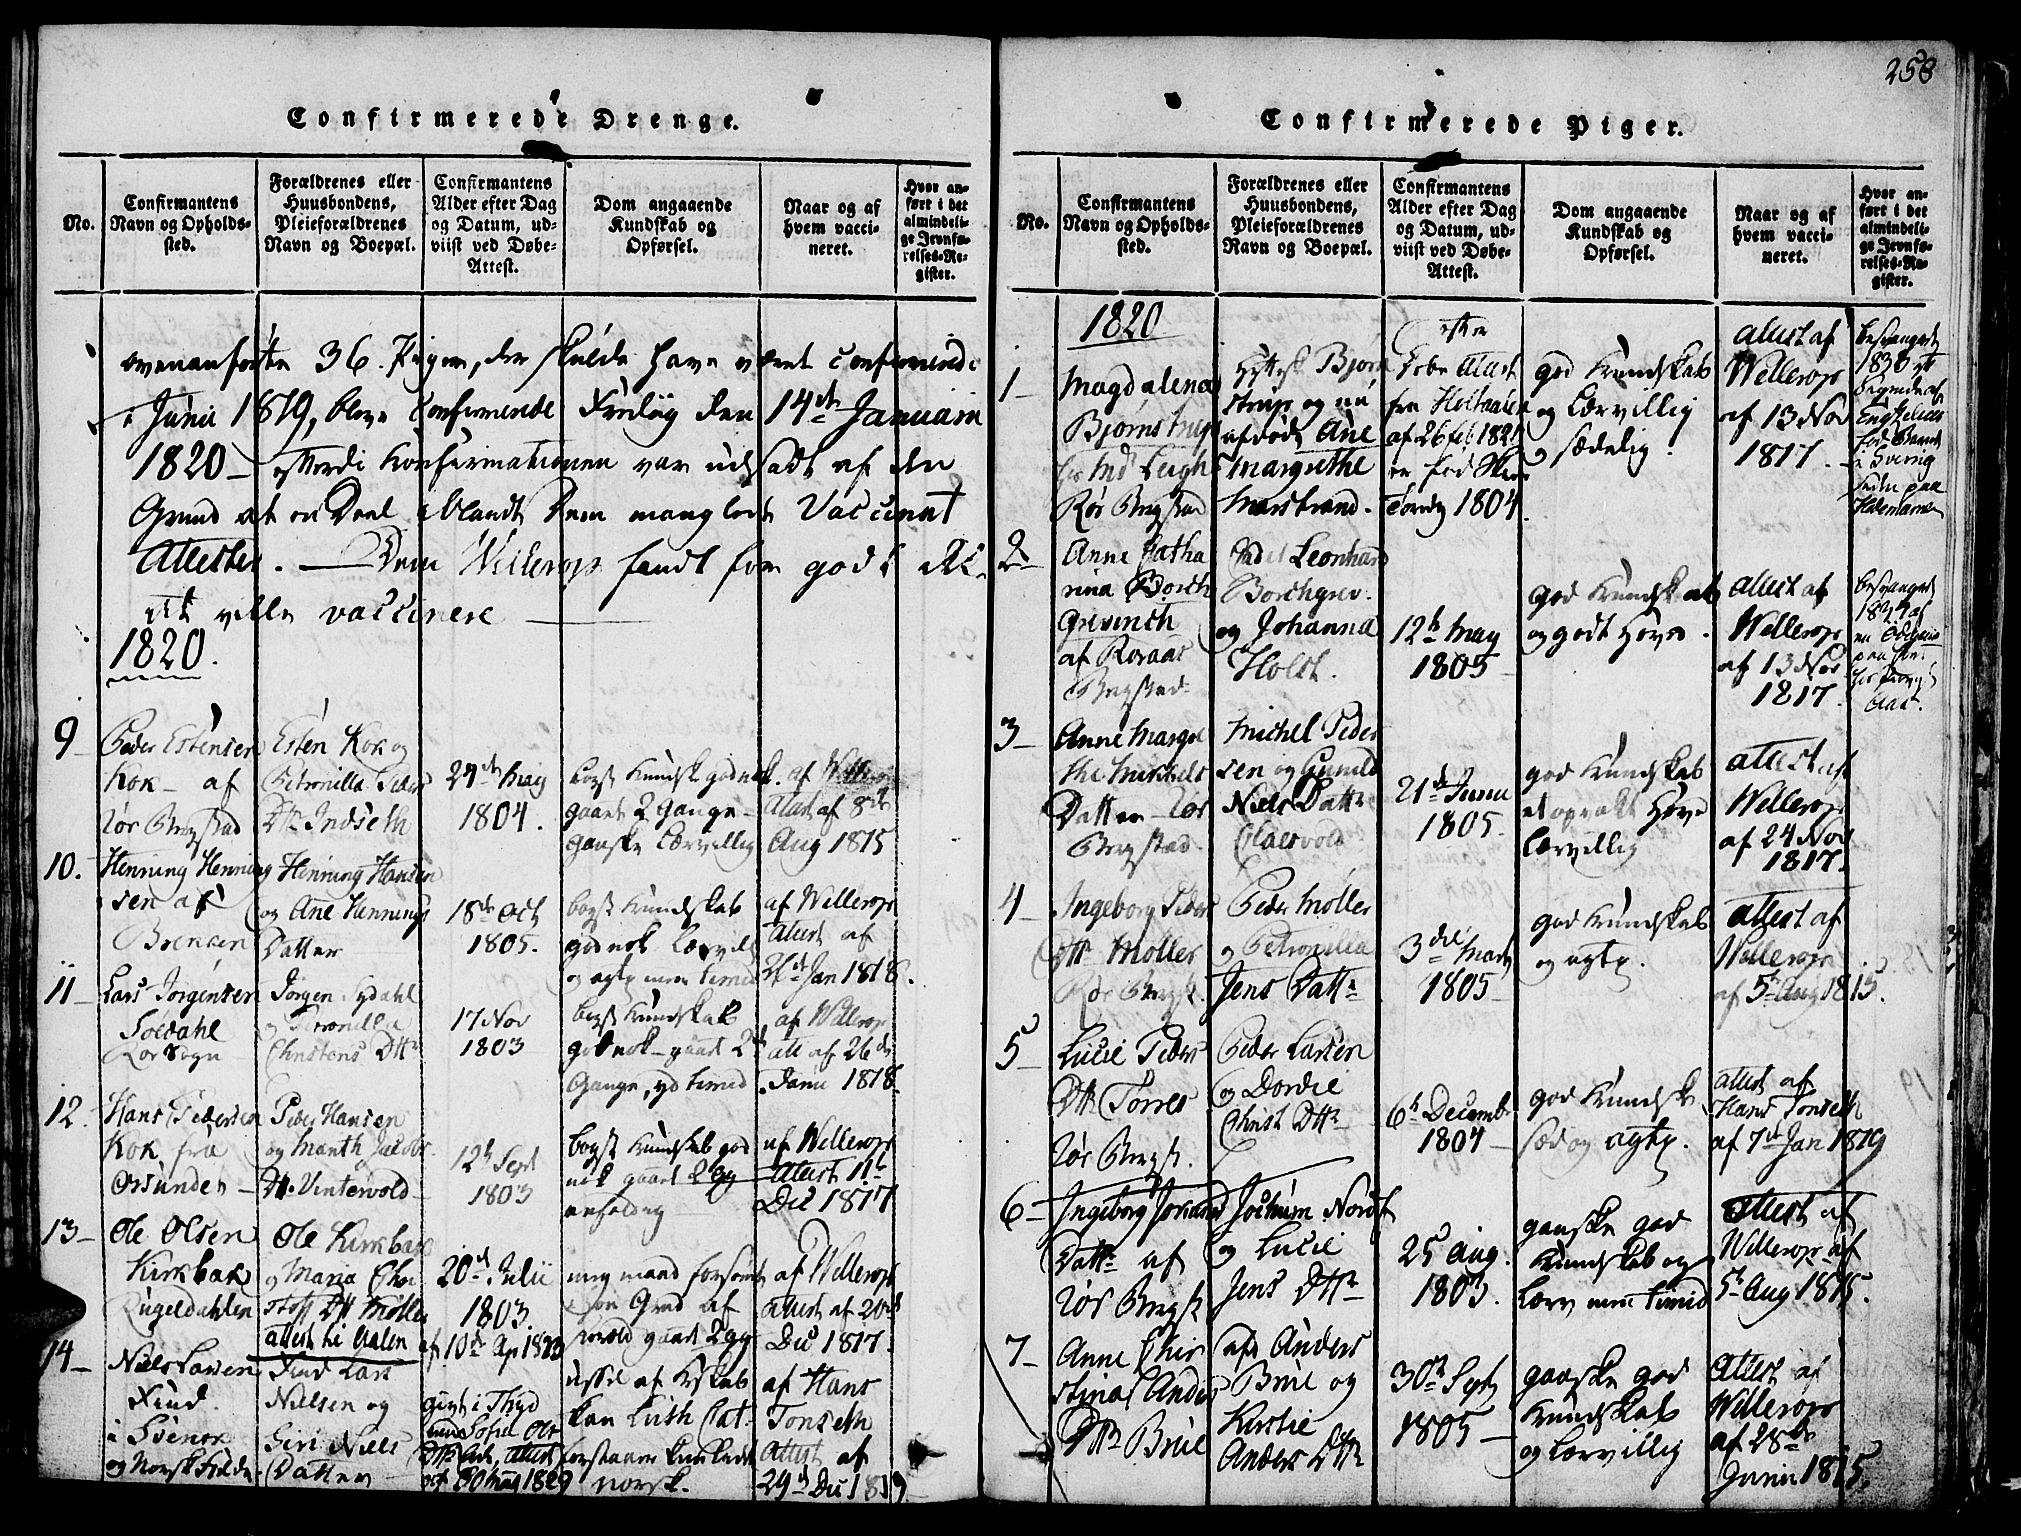 SAT, Ministerialprotokoller, klokkerbøker og fødselsregistre - Sør-Trøndelag, 681/L0929: Ministerialbok nr. 681A07, 1817-1828, s. 258